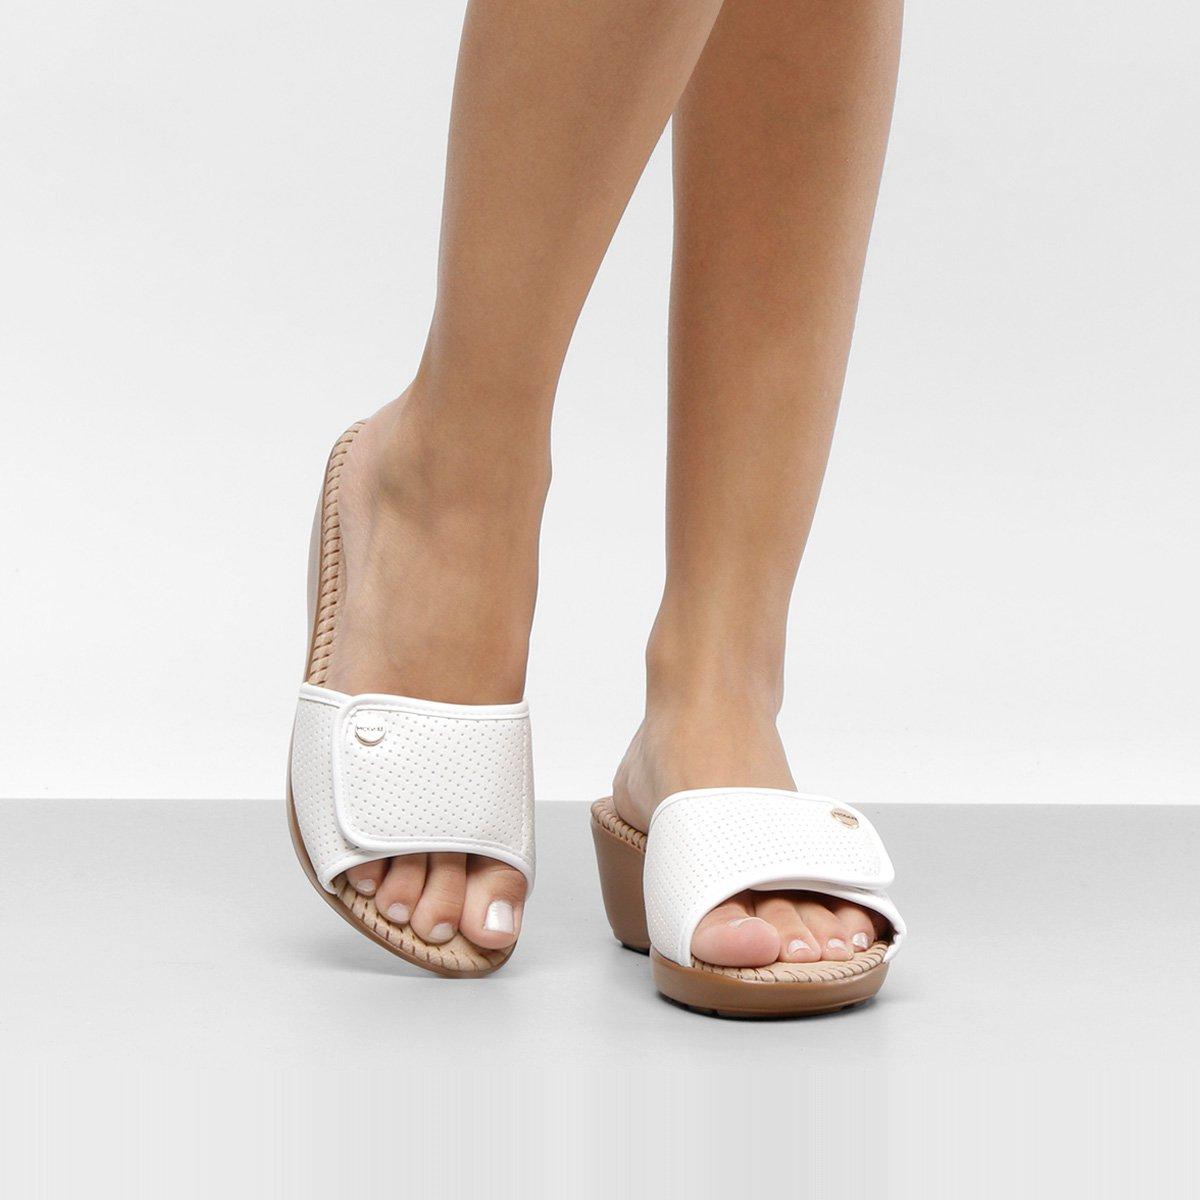 a96da58047 Tamanco Anabela Modare Velcro Feminina - Compre Agora